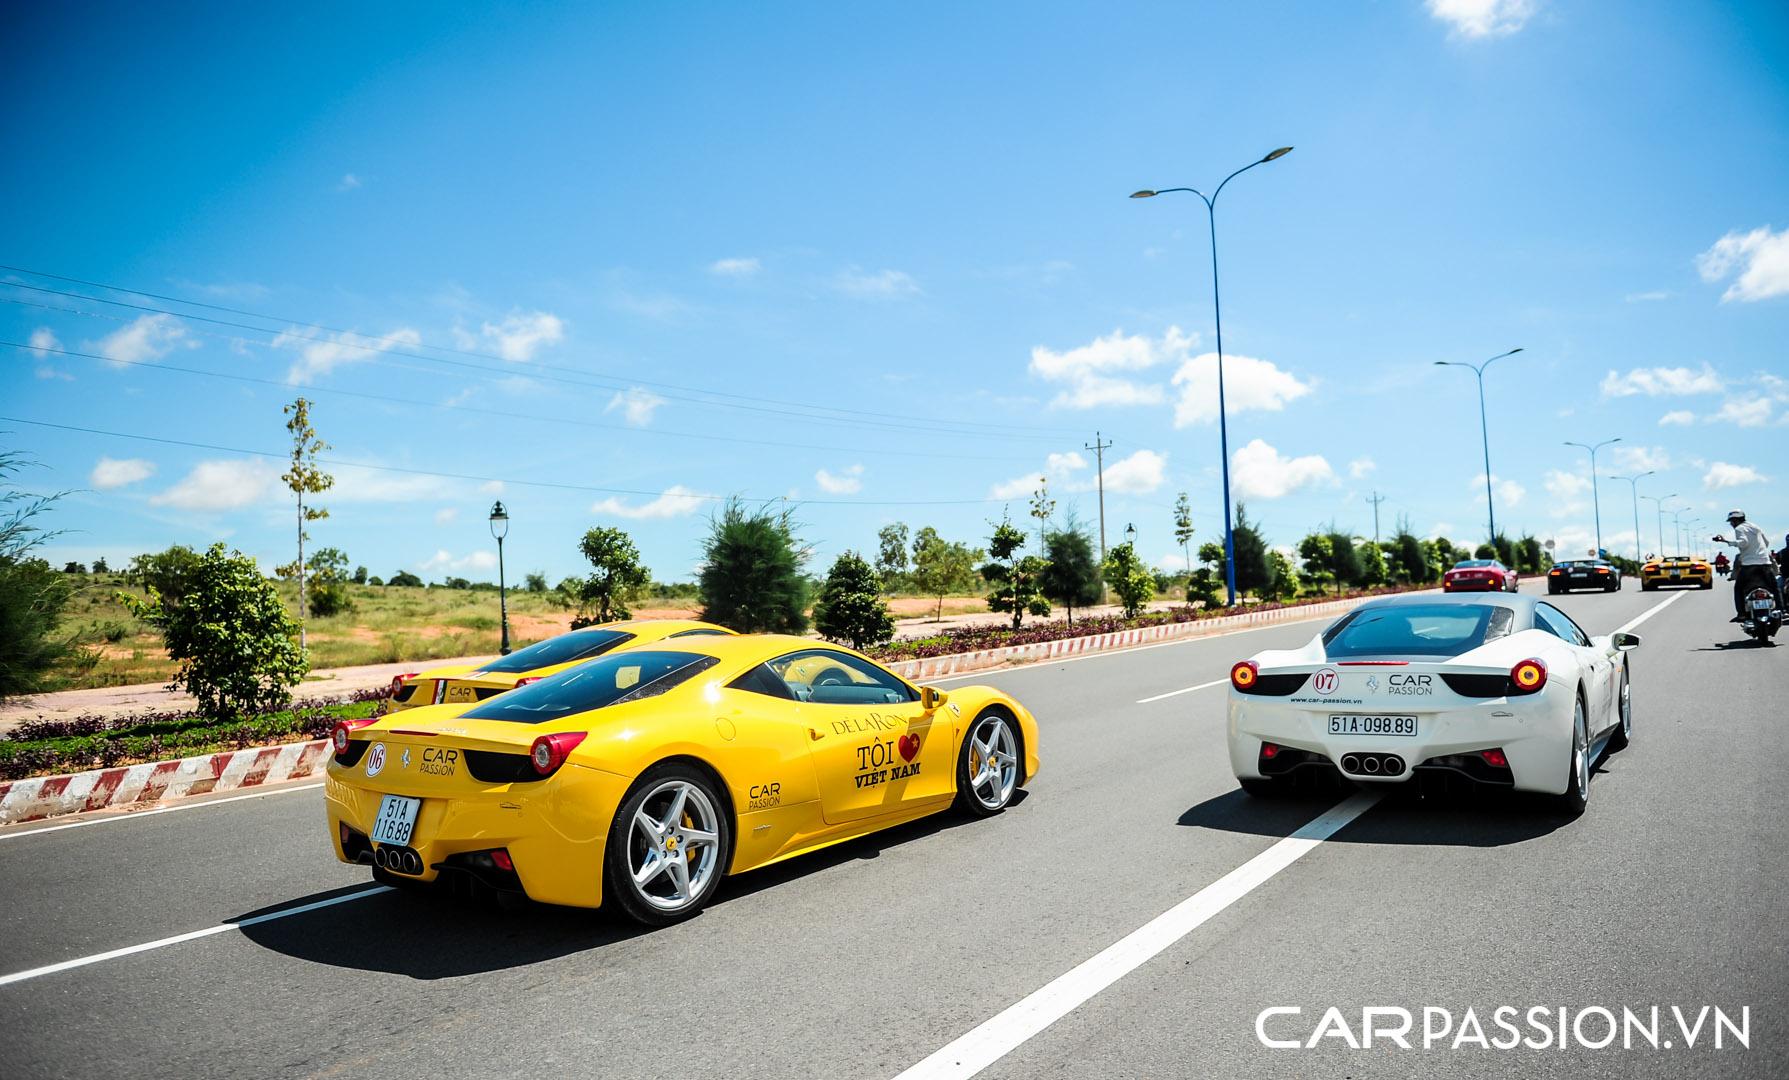 CP-Hành trình siêu xe CarPassion 2011 Day 2 (182).jpg